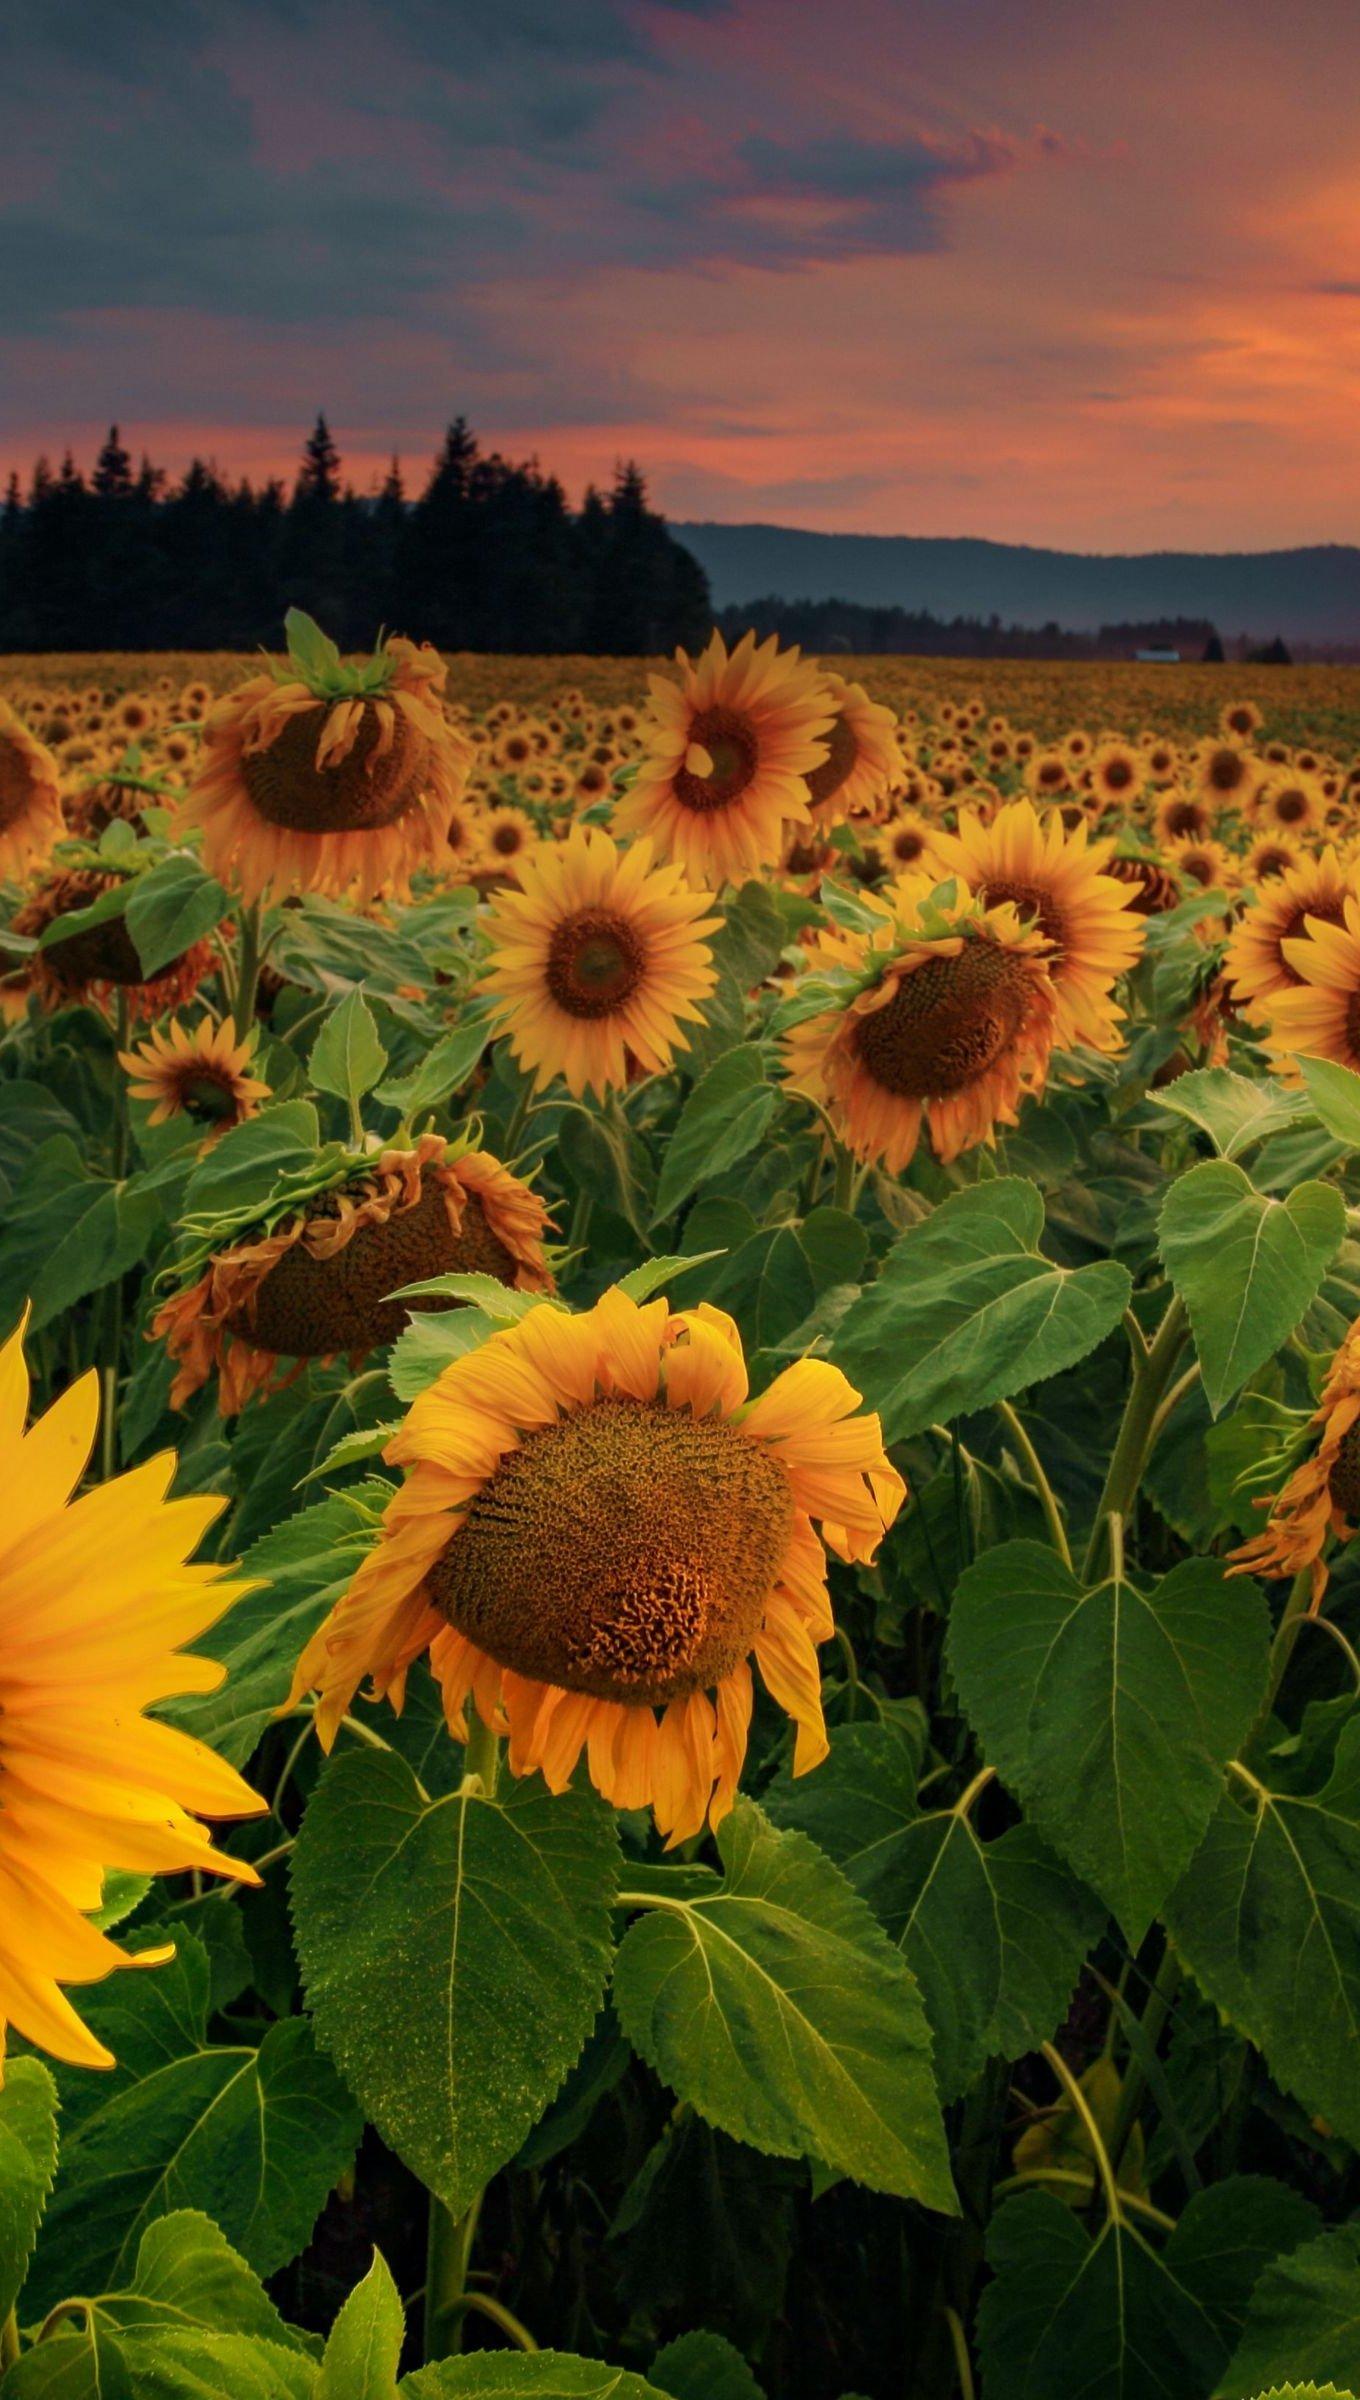 Wallpaper Sunflower Field at sunset Vertical